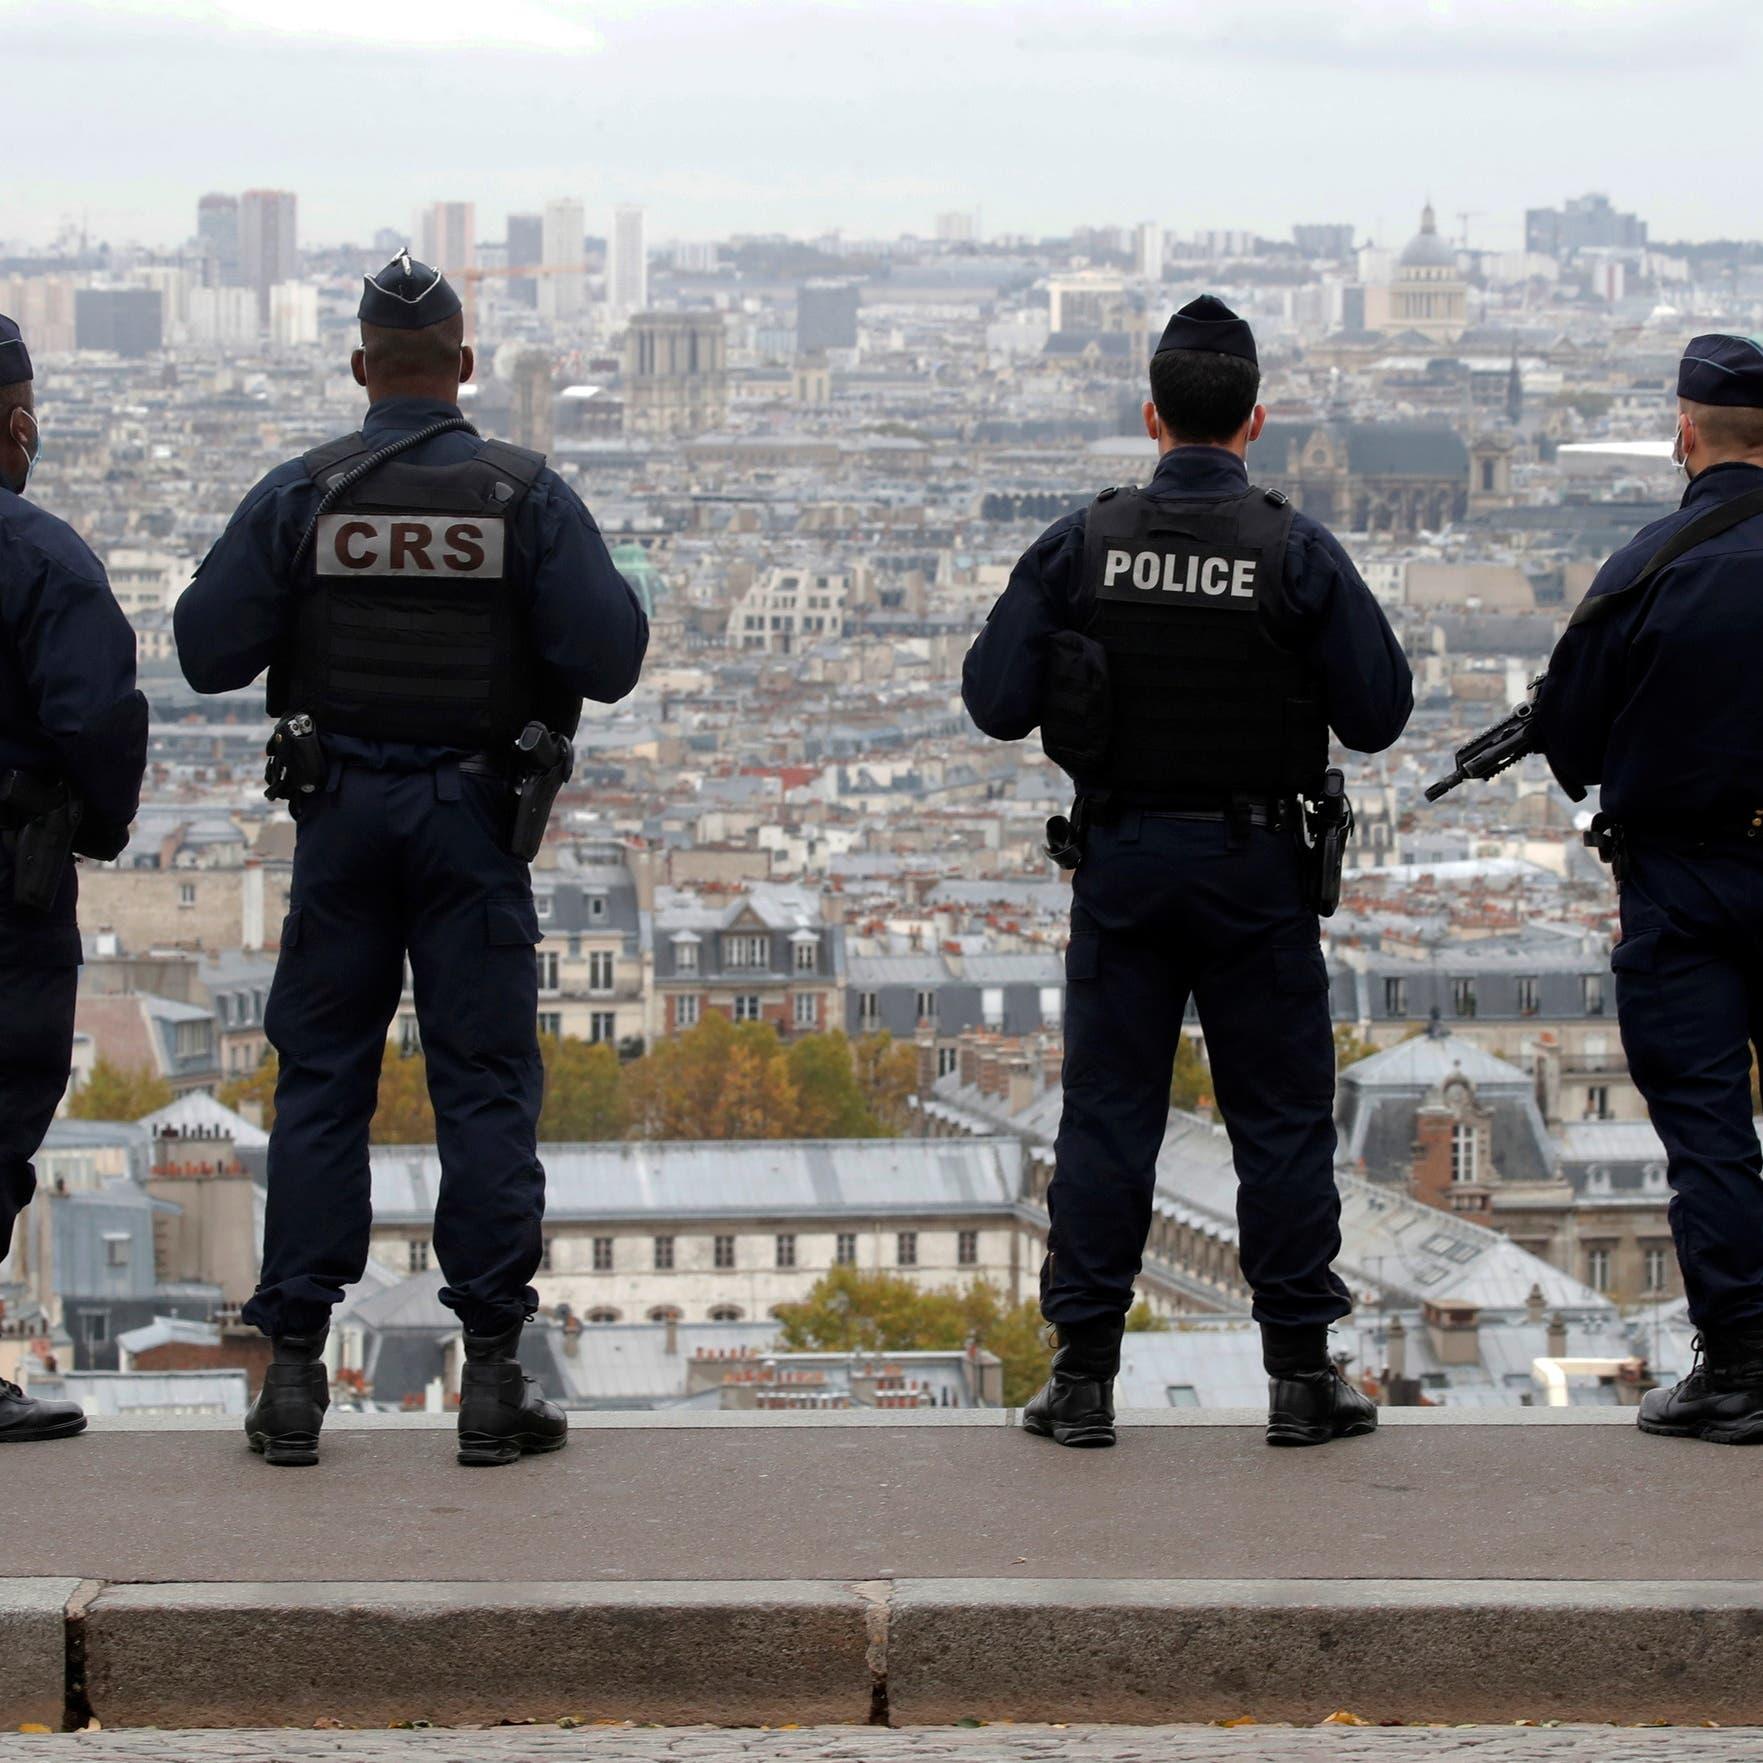 فرنسا.. اعتقال مسلح بسكين كبير تجول وسط باريس